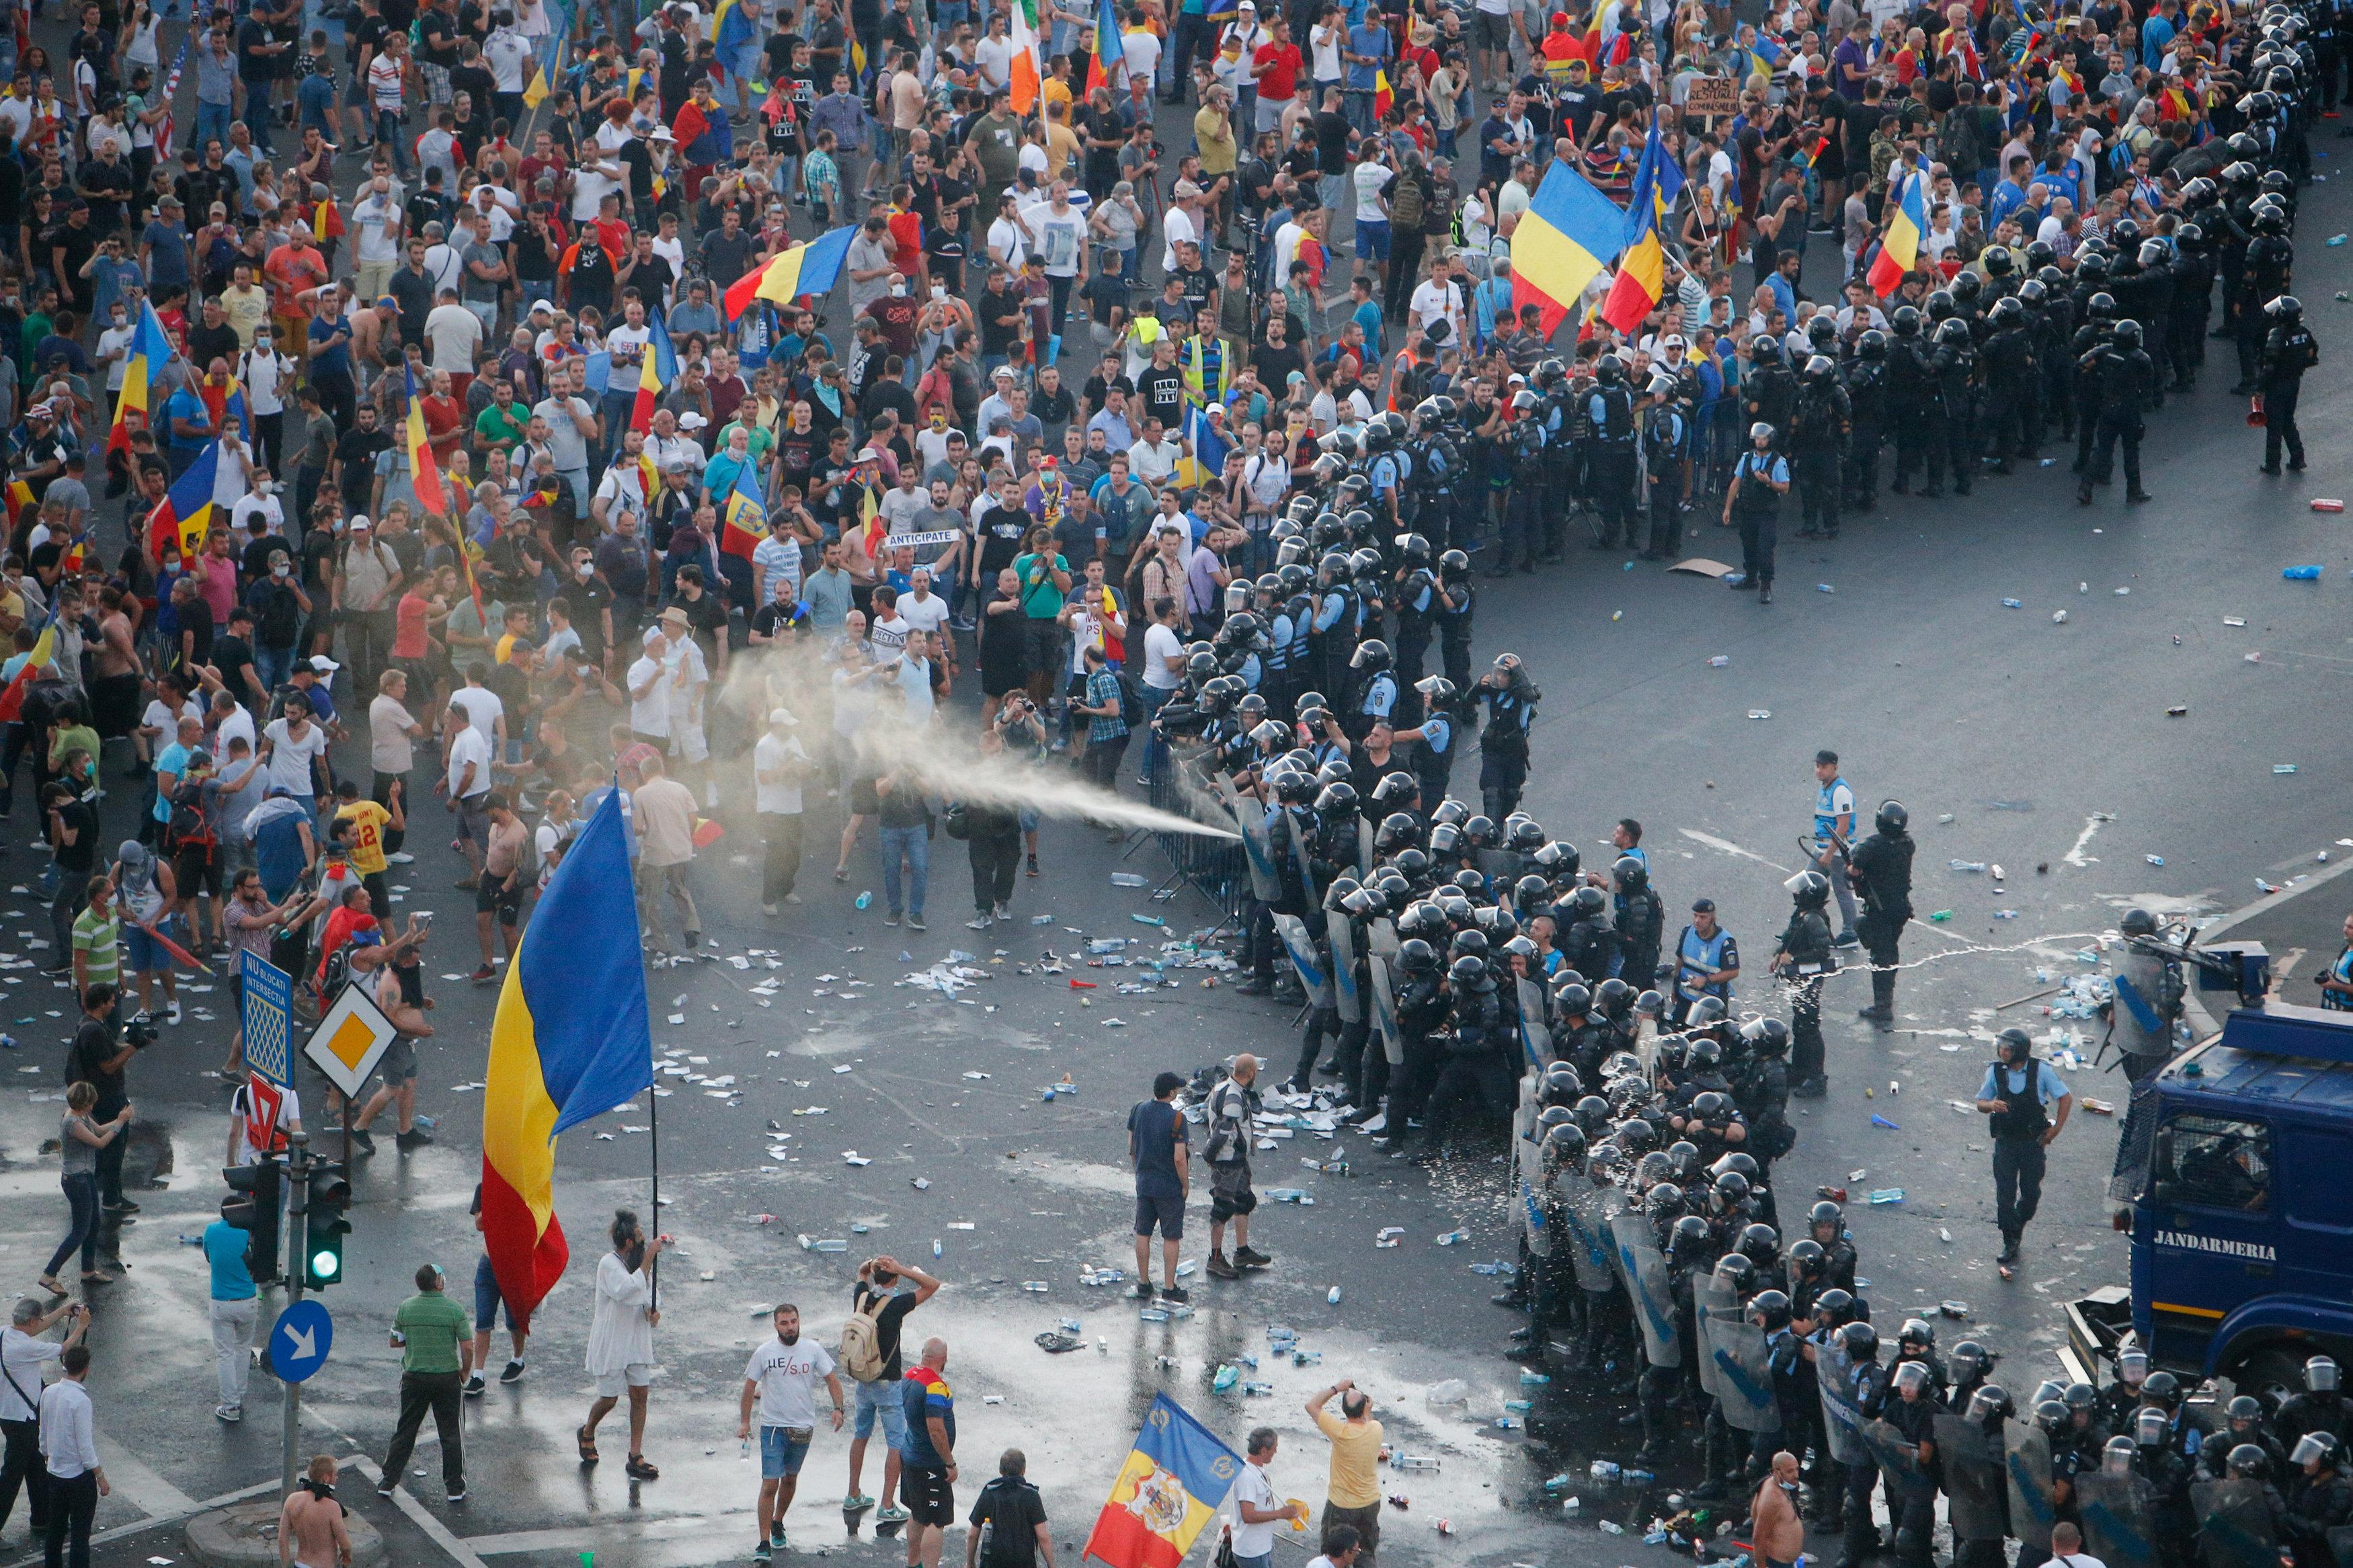 الشرطة تحاول تفريق متظاهرين